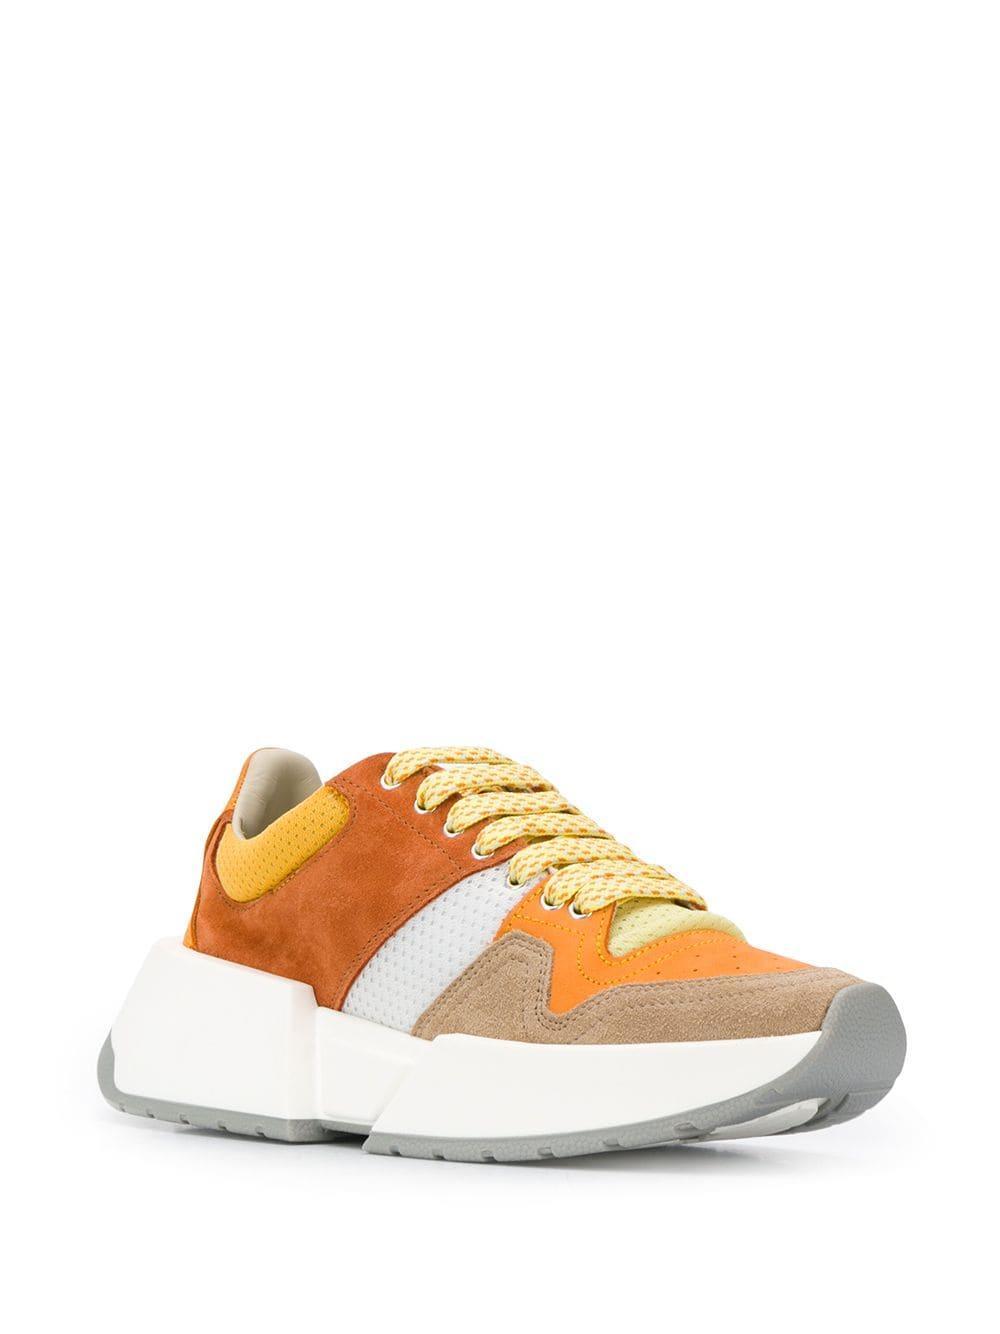 Zapatillas con diseño de paneles MM6 by Maison Martin Margiela de Cuero de color Naranja